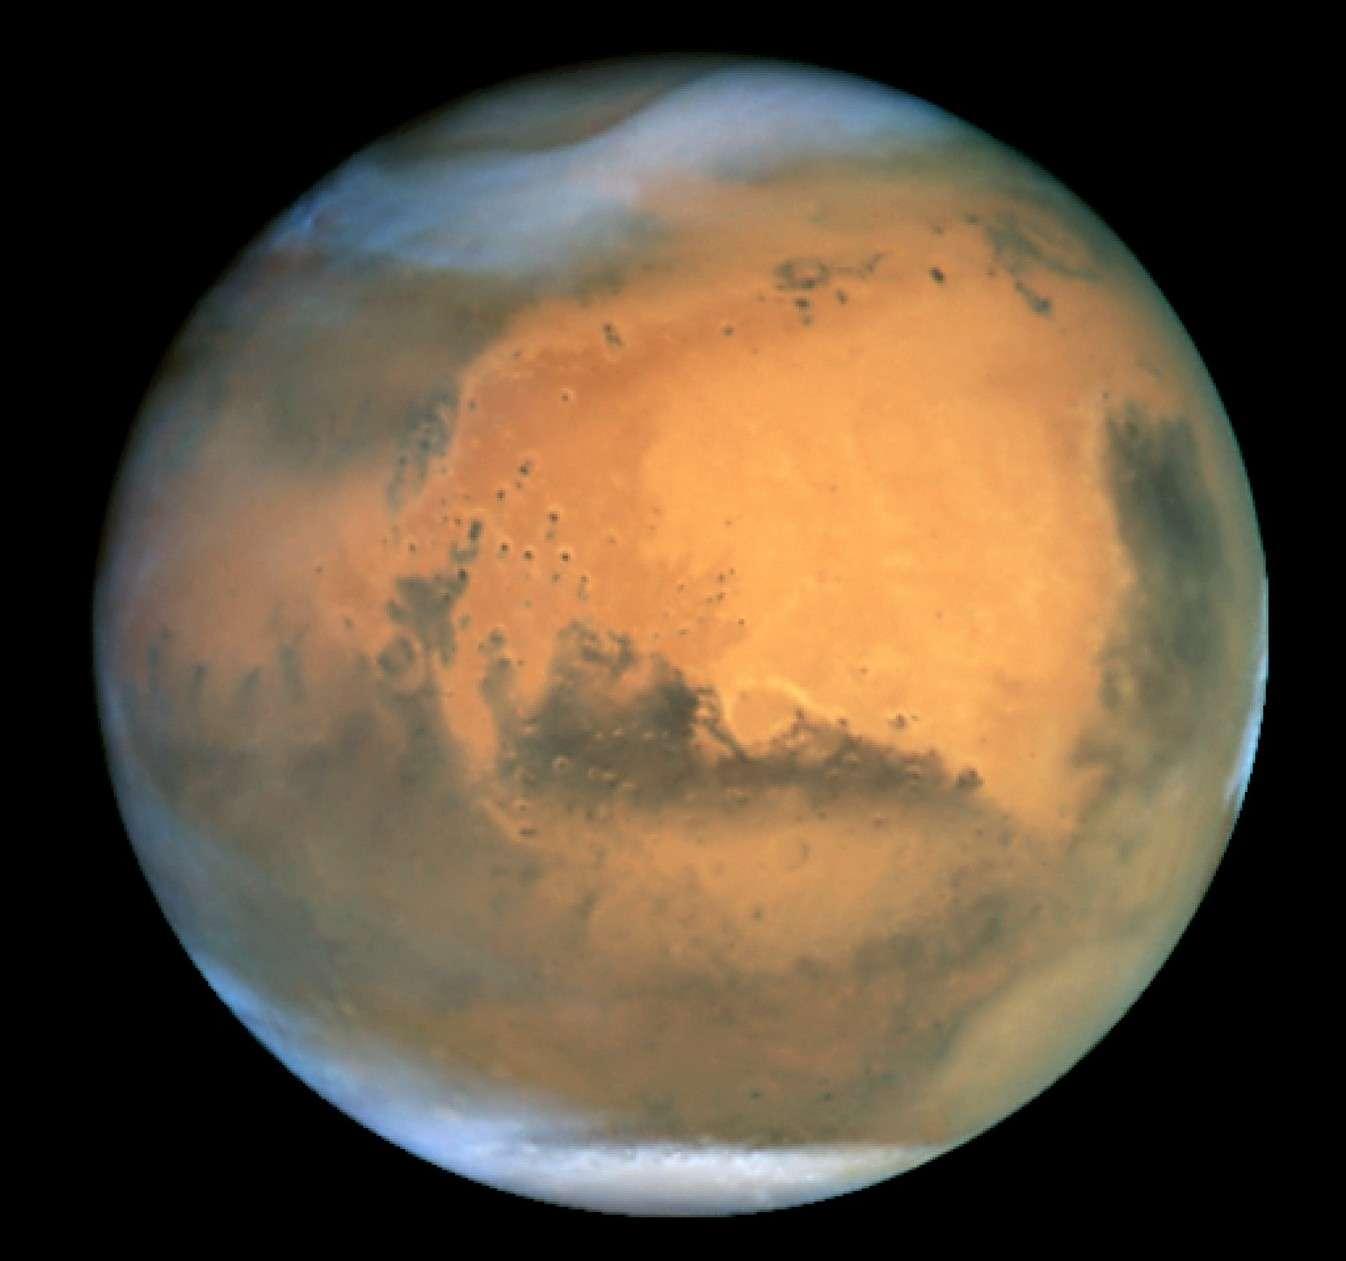 L'opposition martienne de 2001 vue par le télescope spatial Hubble. © Nasa/Hubble Heritage Team